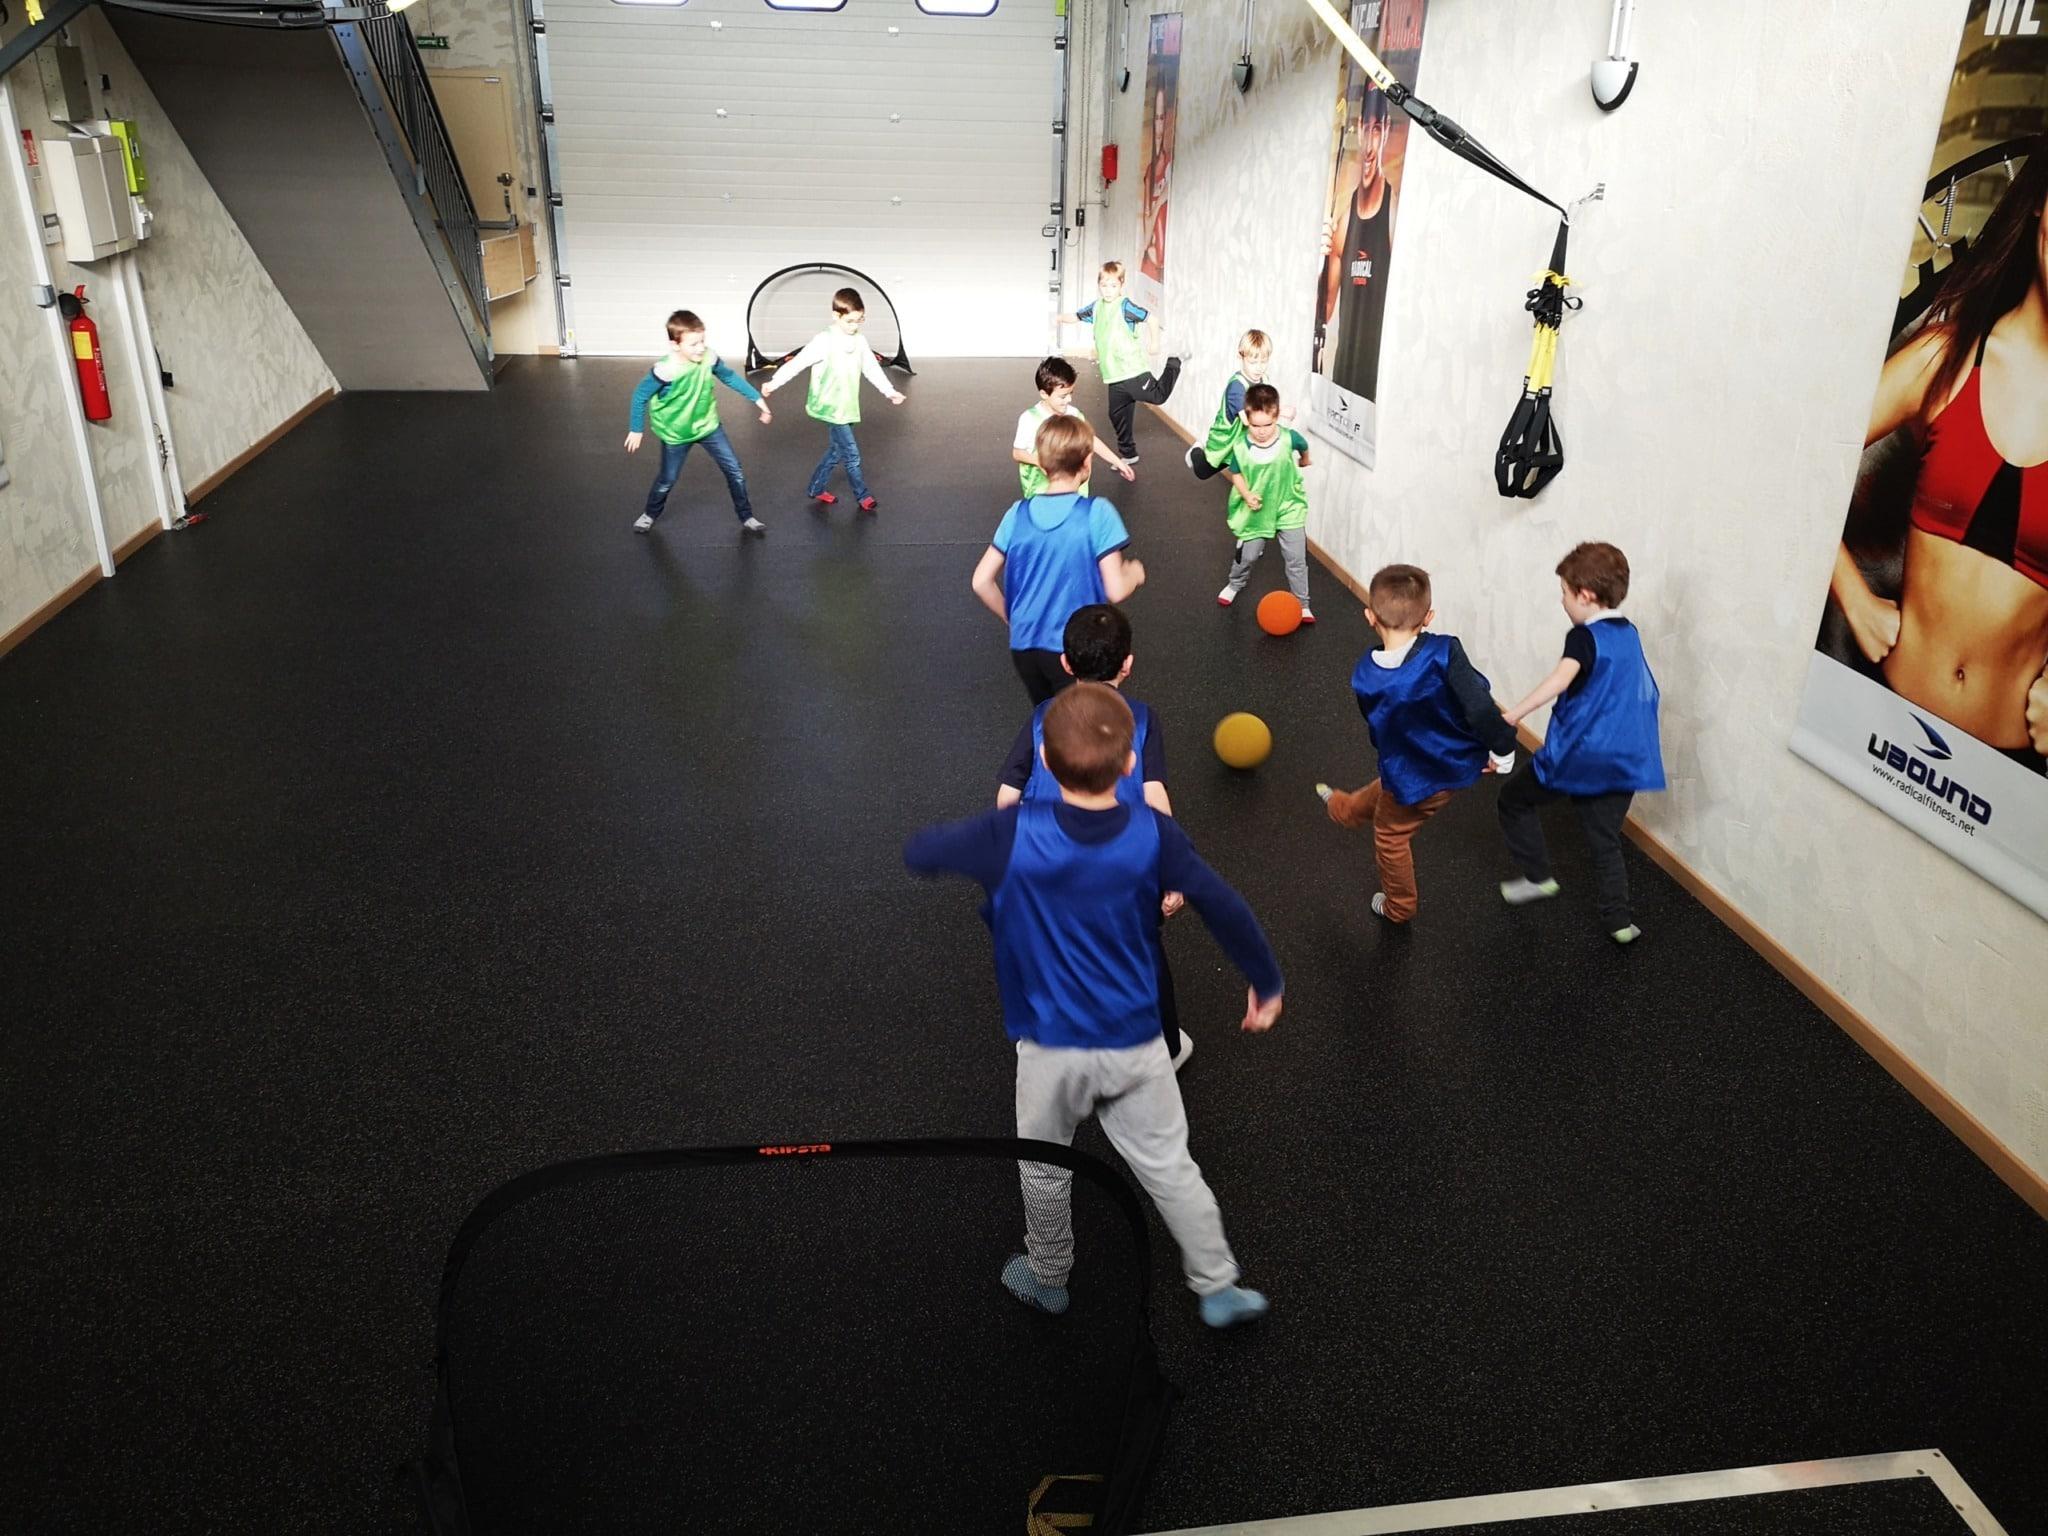 Offrez une activité sportive de foot en salle à votre enfant pour son anniversaire